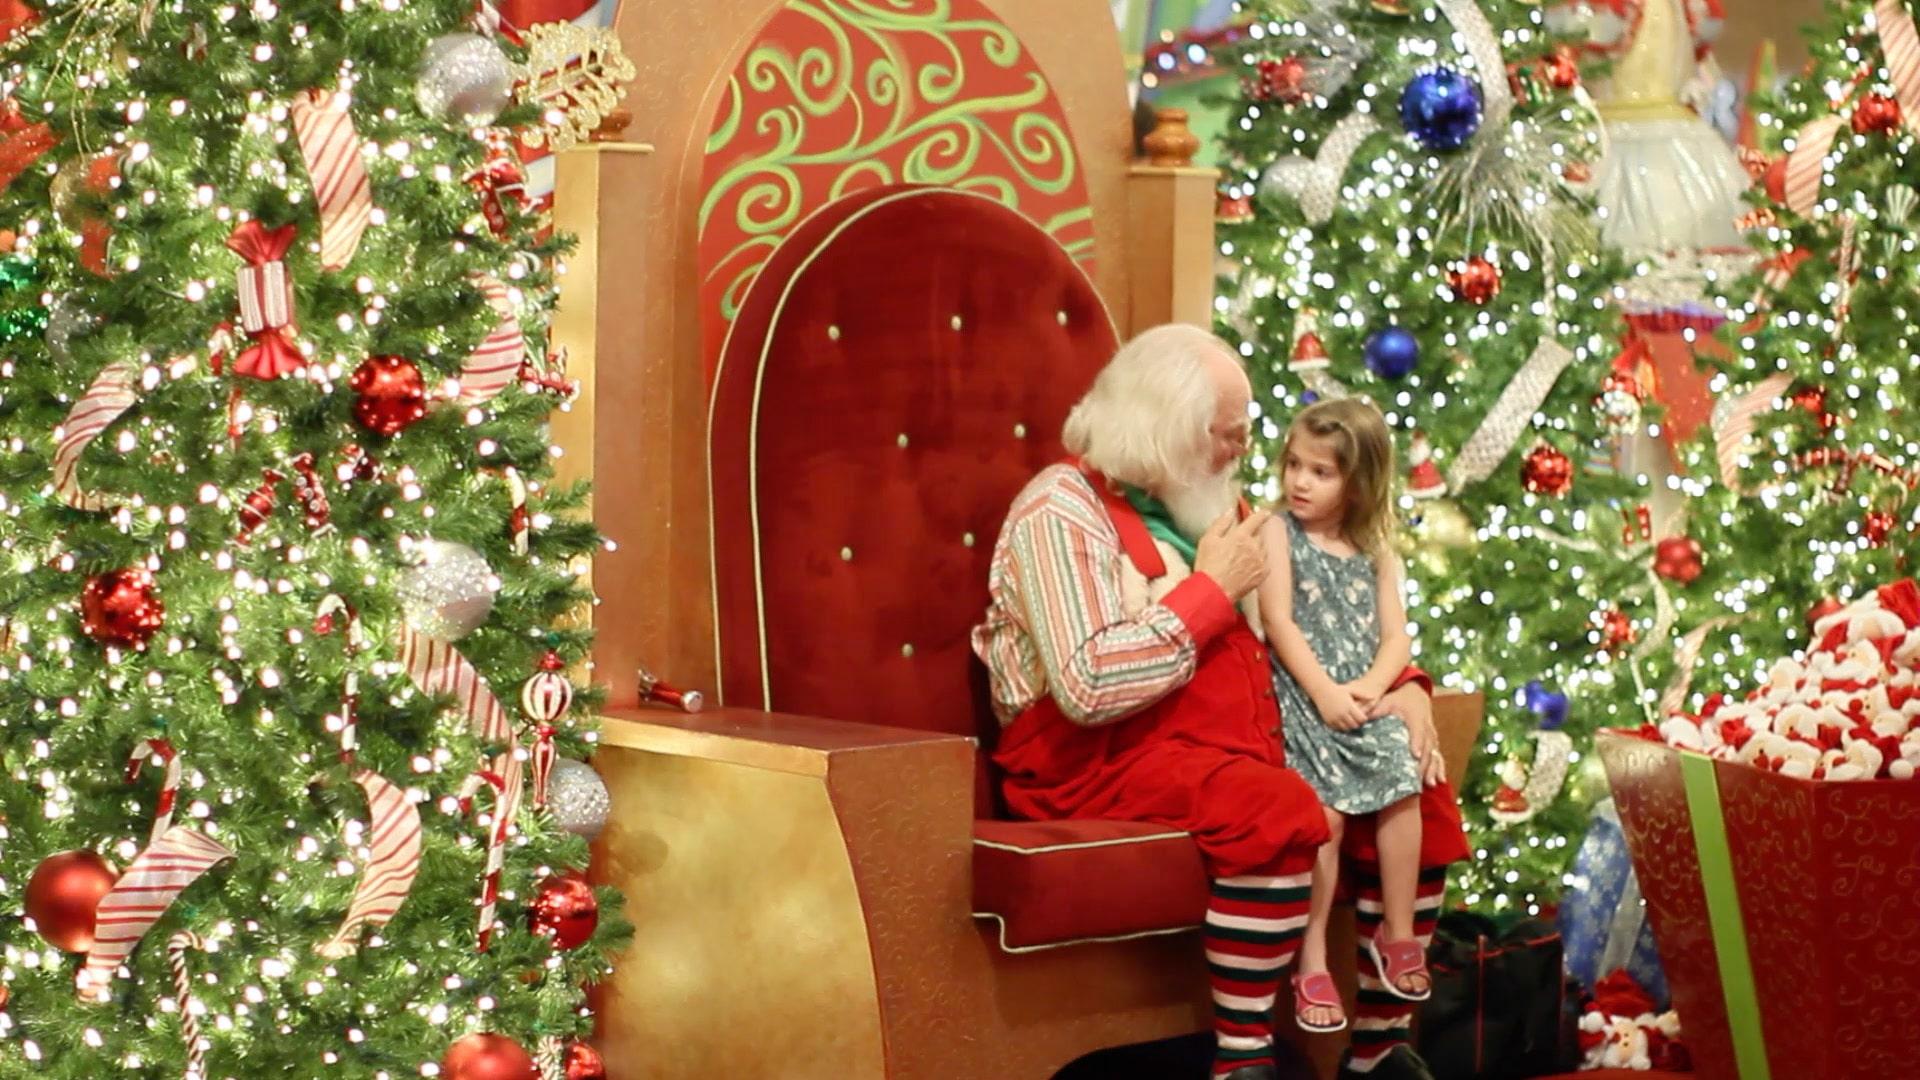 Le père noël écoute une petite fille au millenia mall d'Orlando